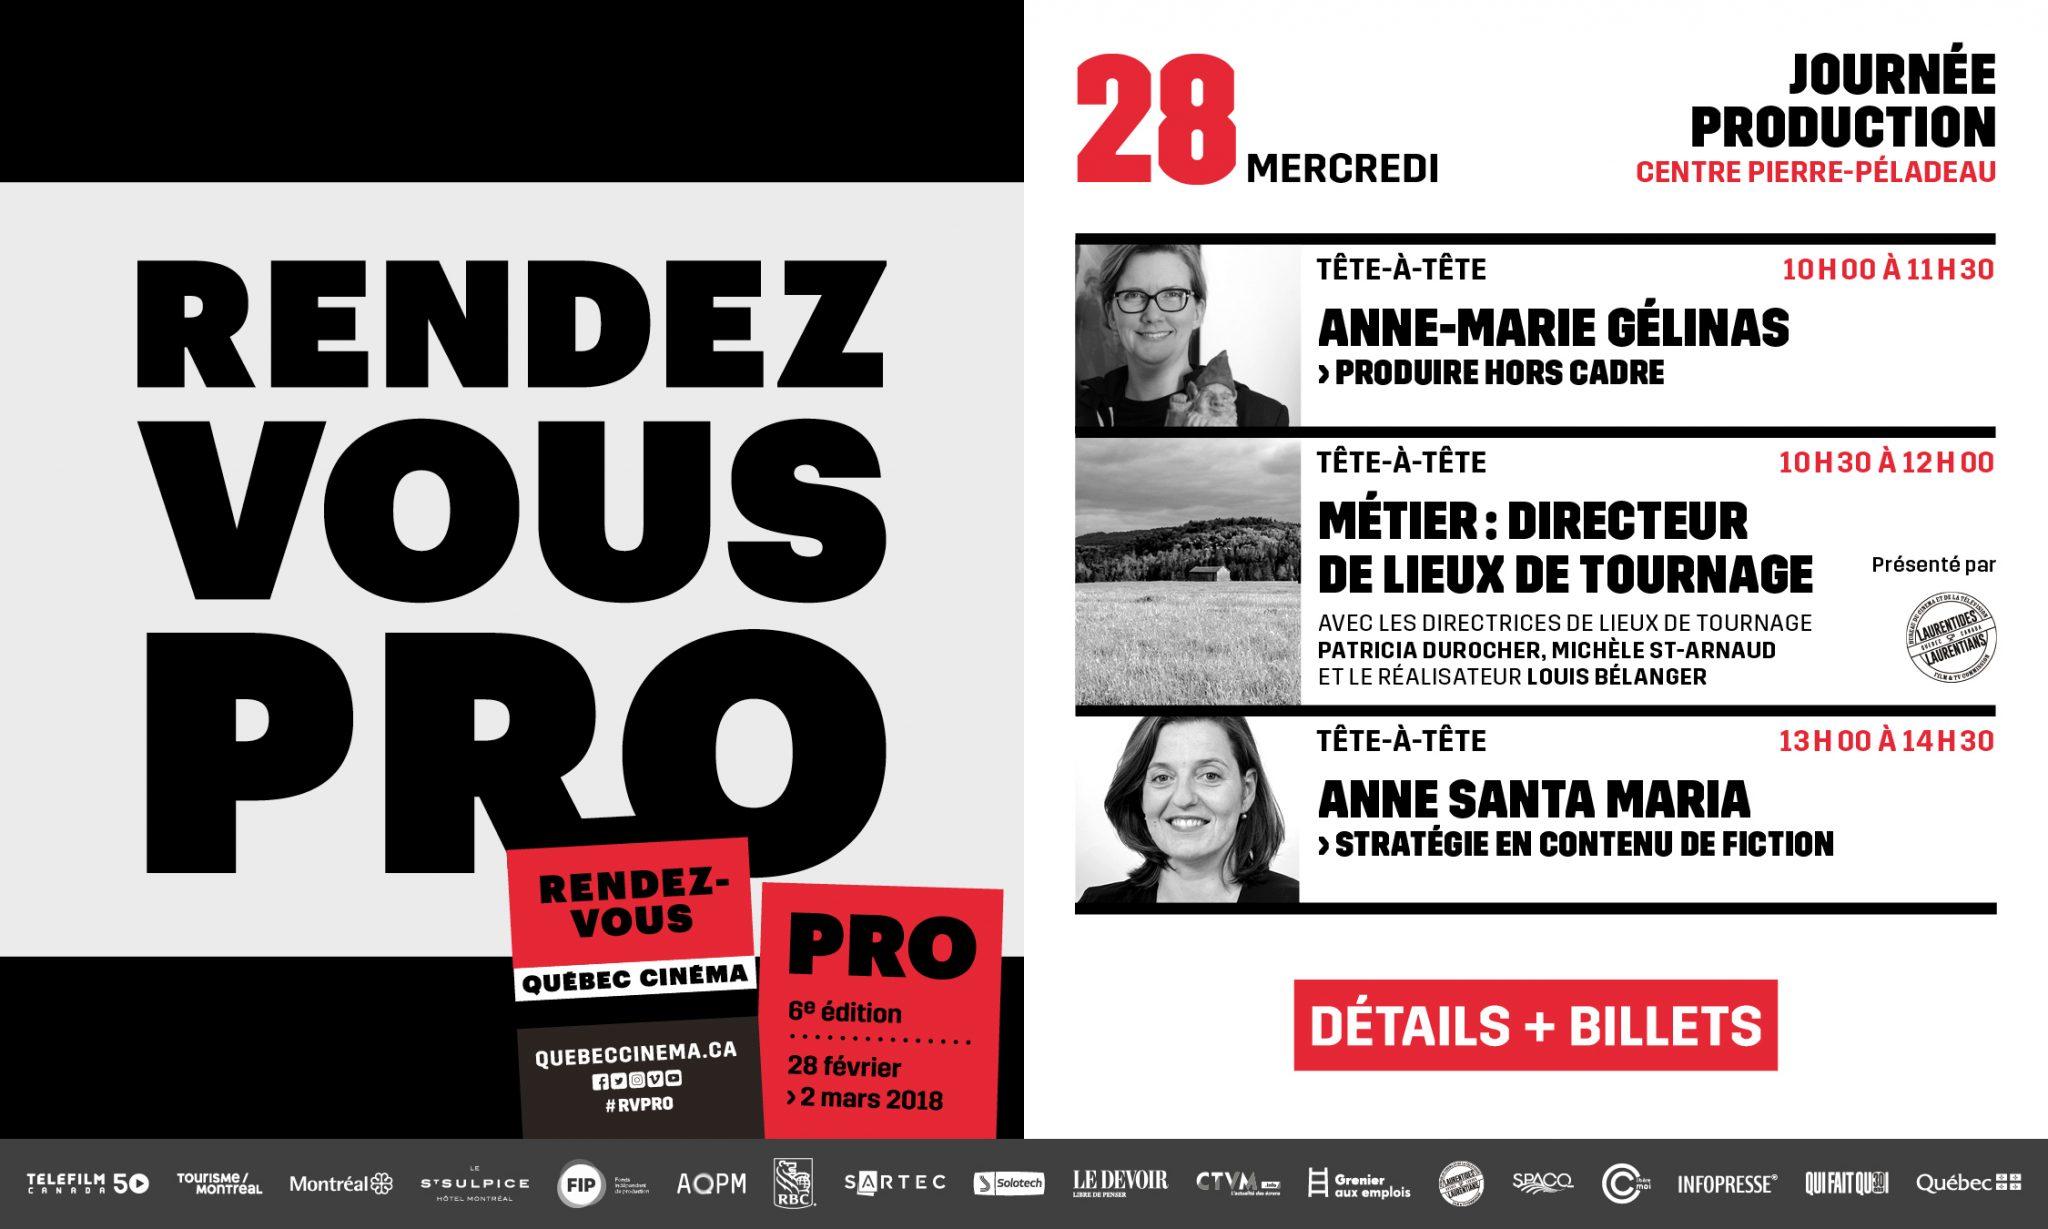 6e édition des Rendez-vous Pro aux Rendez-vous Québec Cinéma 2018!